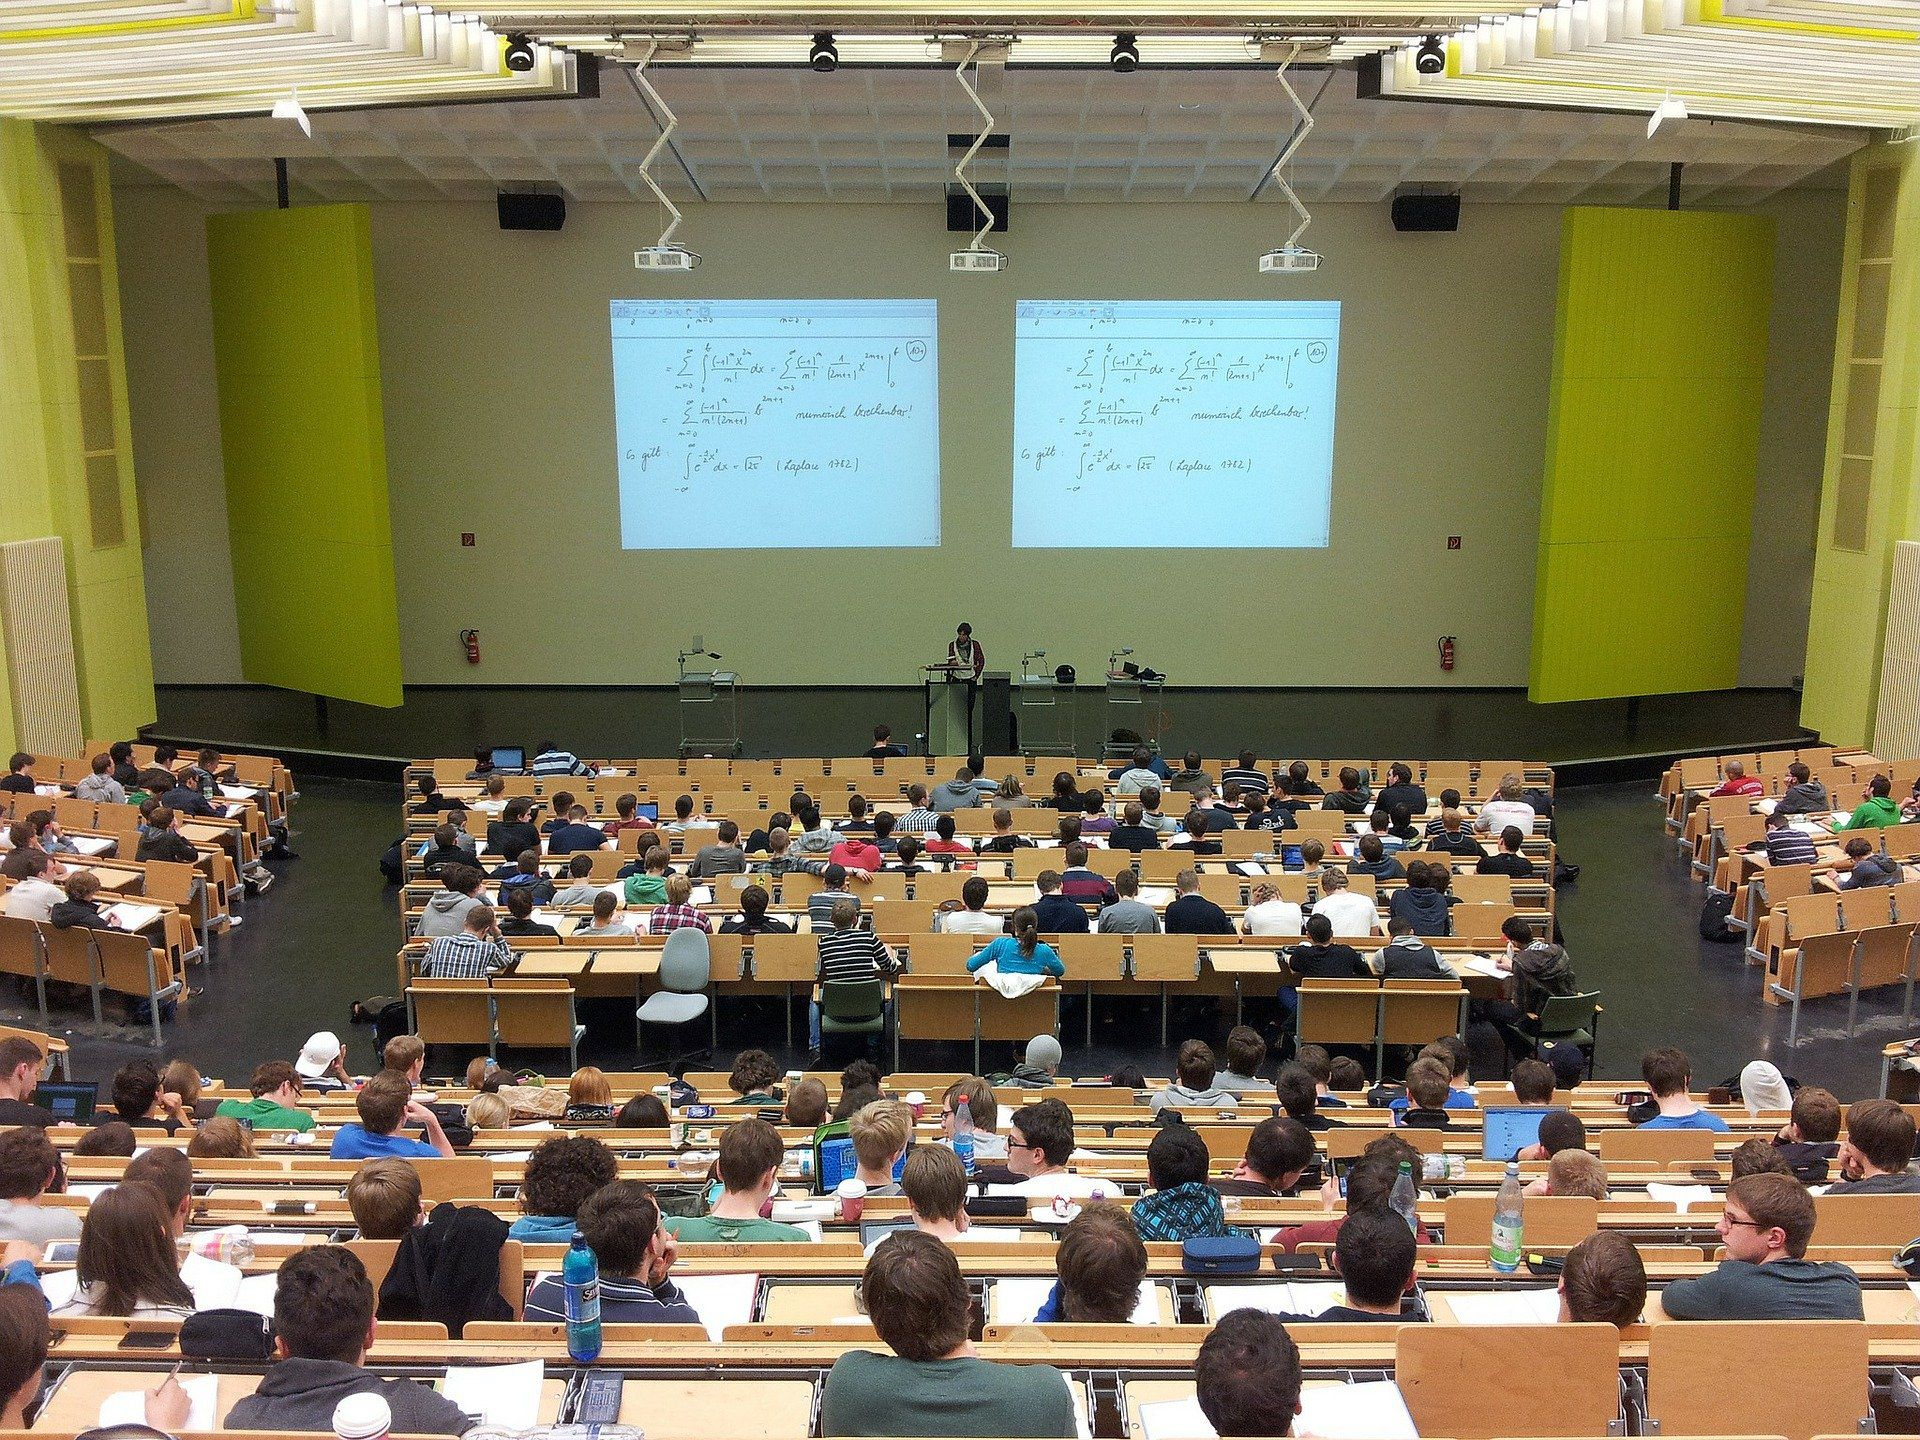 忙しい大学生必見!授業やサークルの予定調整をするコツを紹介